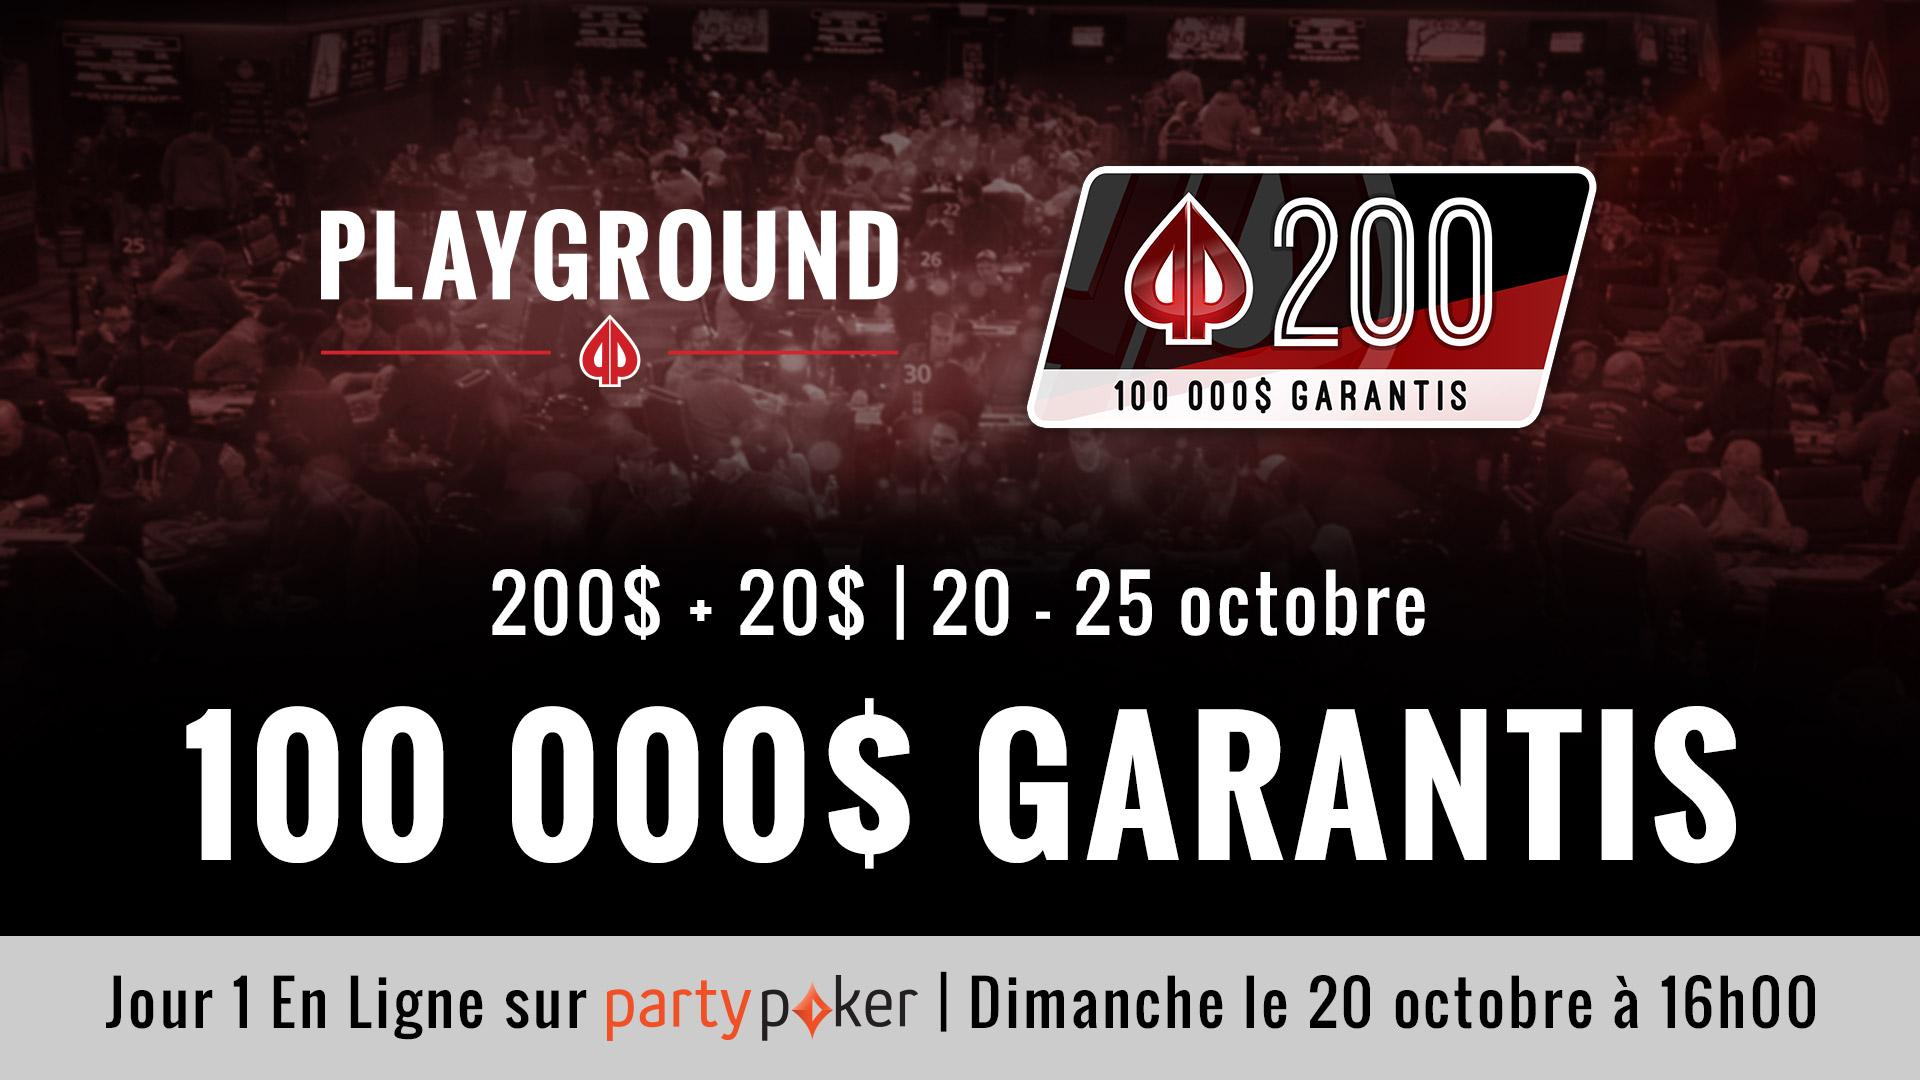 Le Playground 200 et Autres Évènements Parallèles